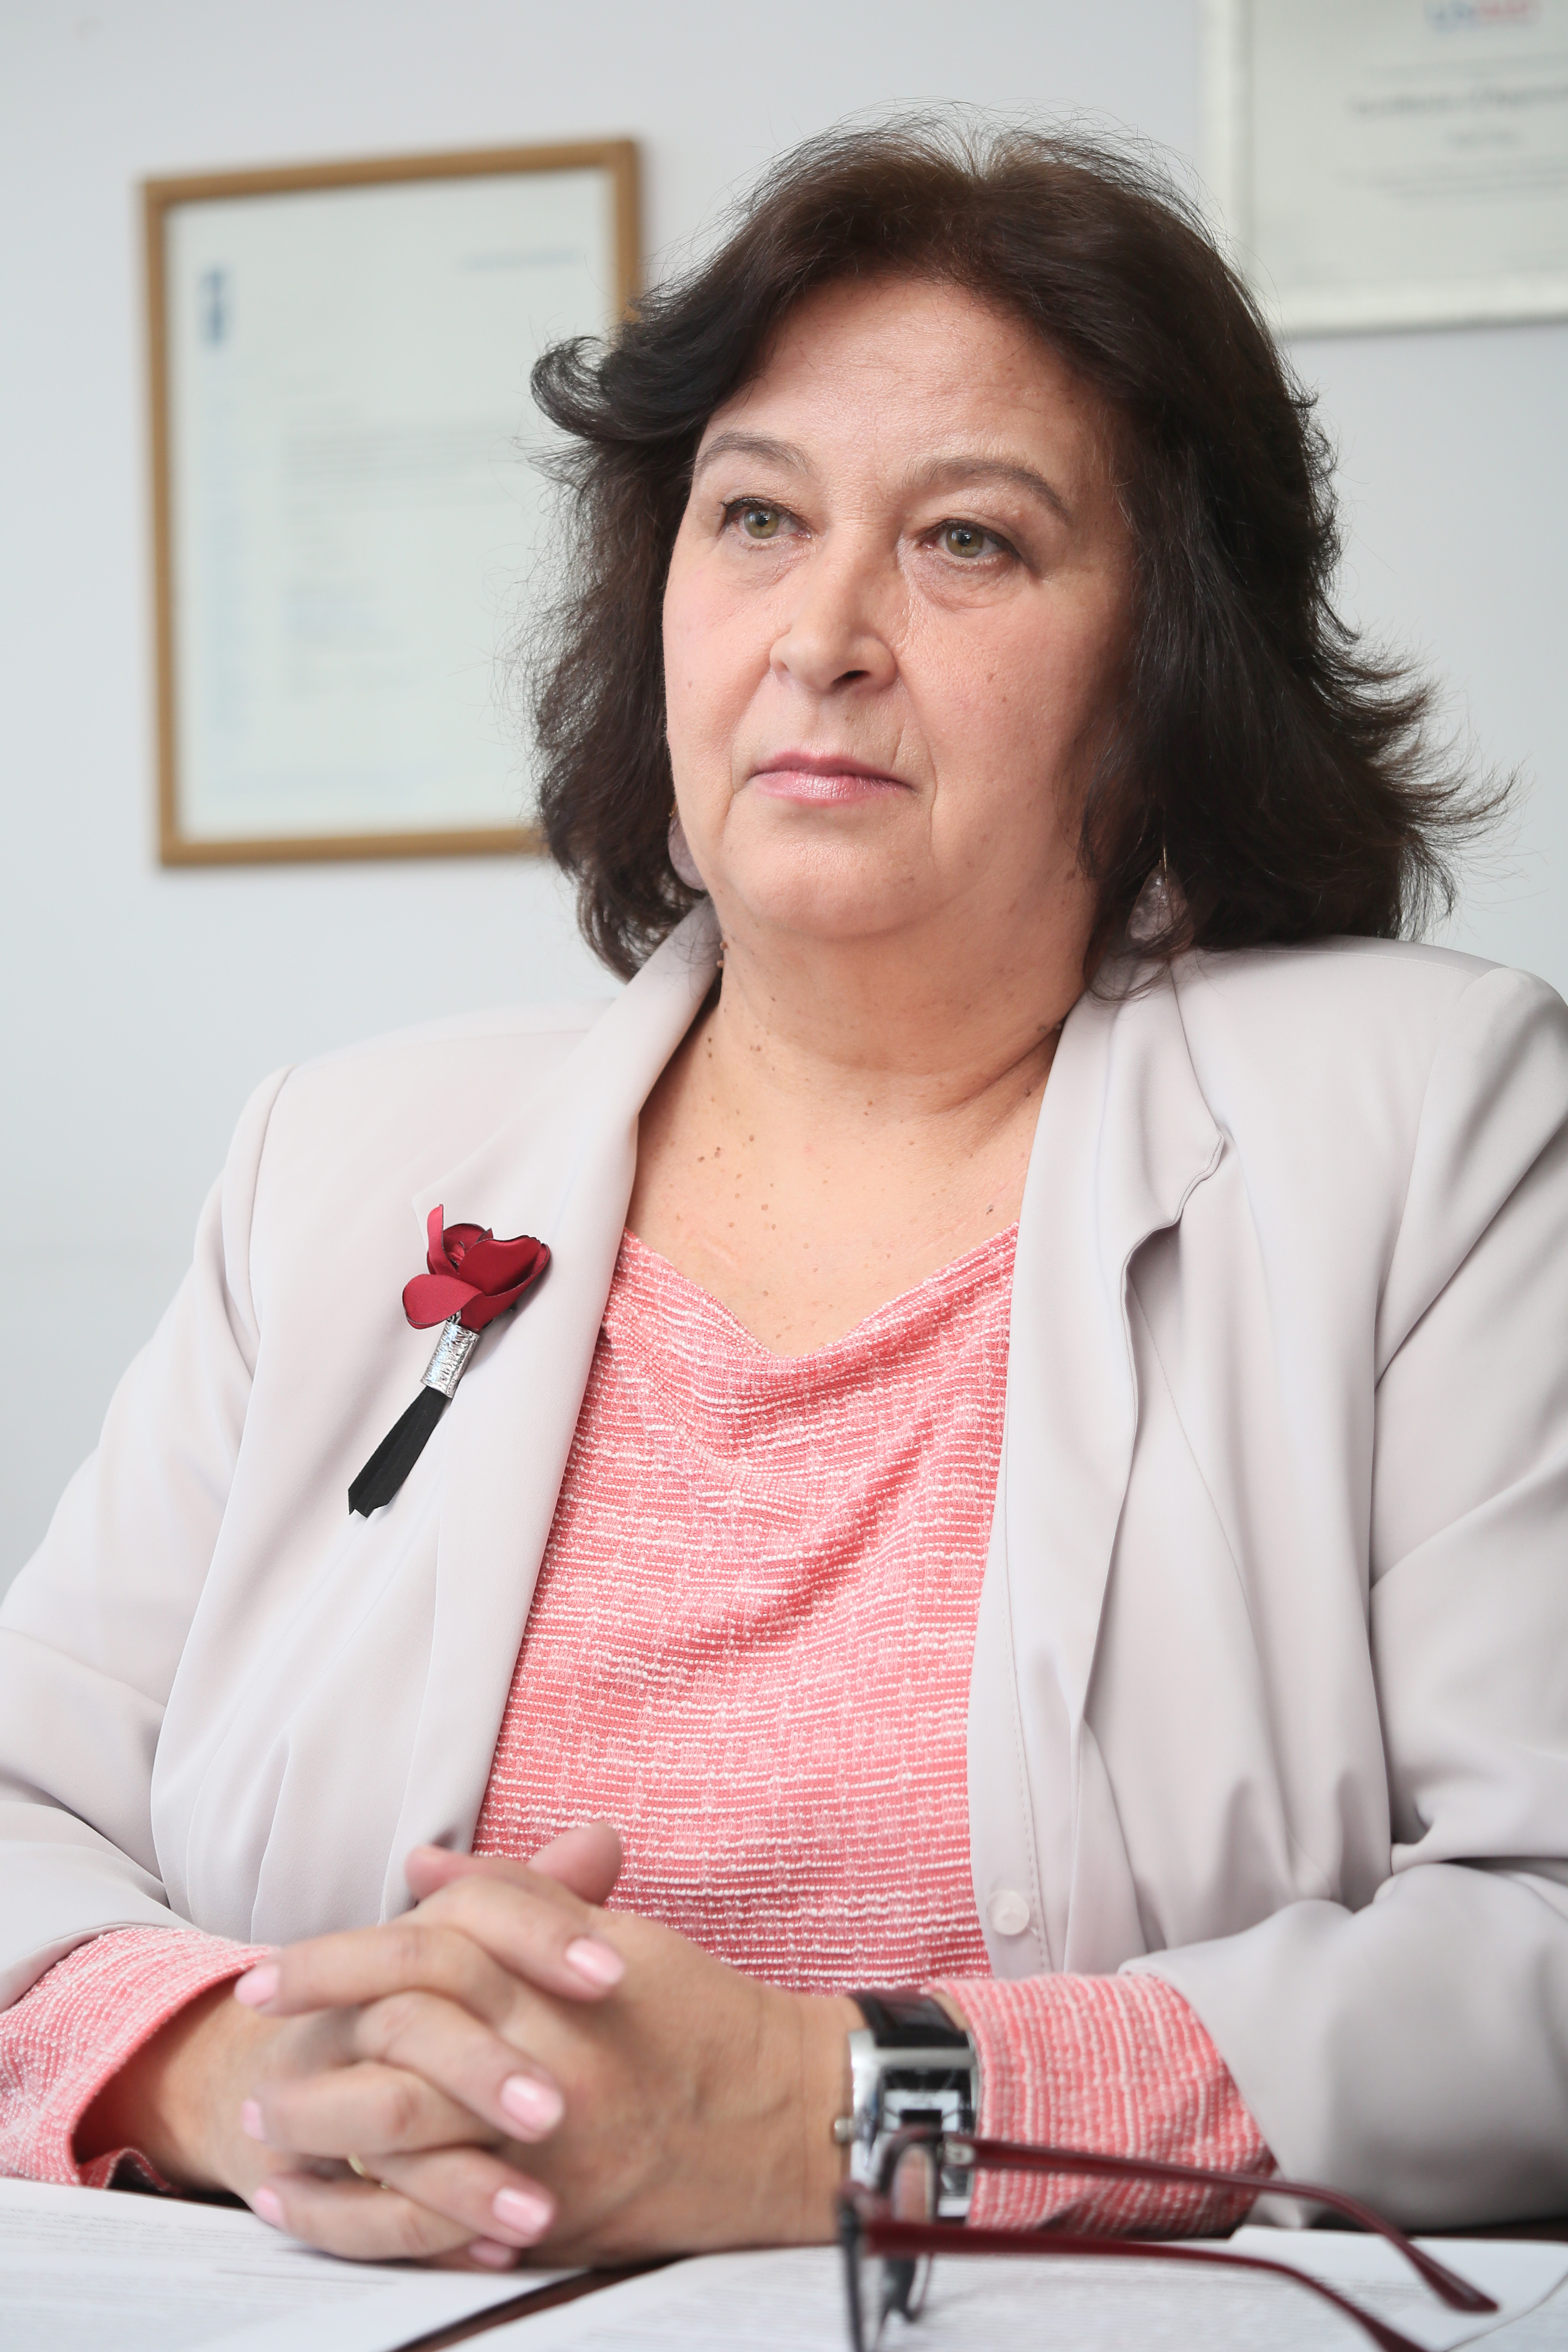 Есть ли свобода слова в Казахстане и какие «двойные сплошные» приходится обходить журналистам, чтобы добыть информацию?